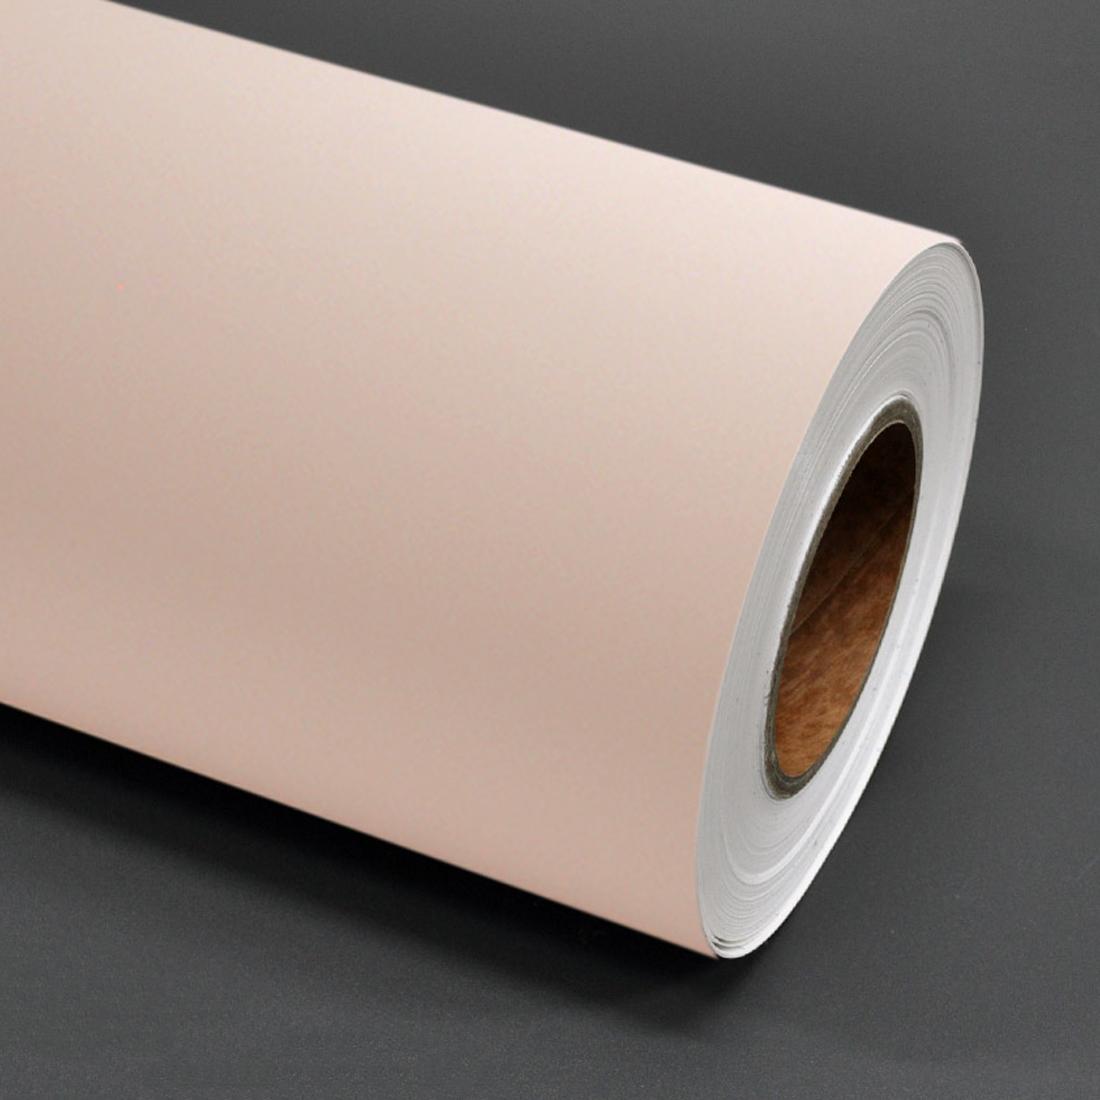 데코리아 현대인테리어필름 에어프리 생활방수 접착식 단색컬러시트지필름, SL557 베이커밀러 핑크